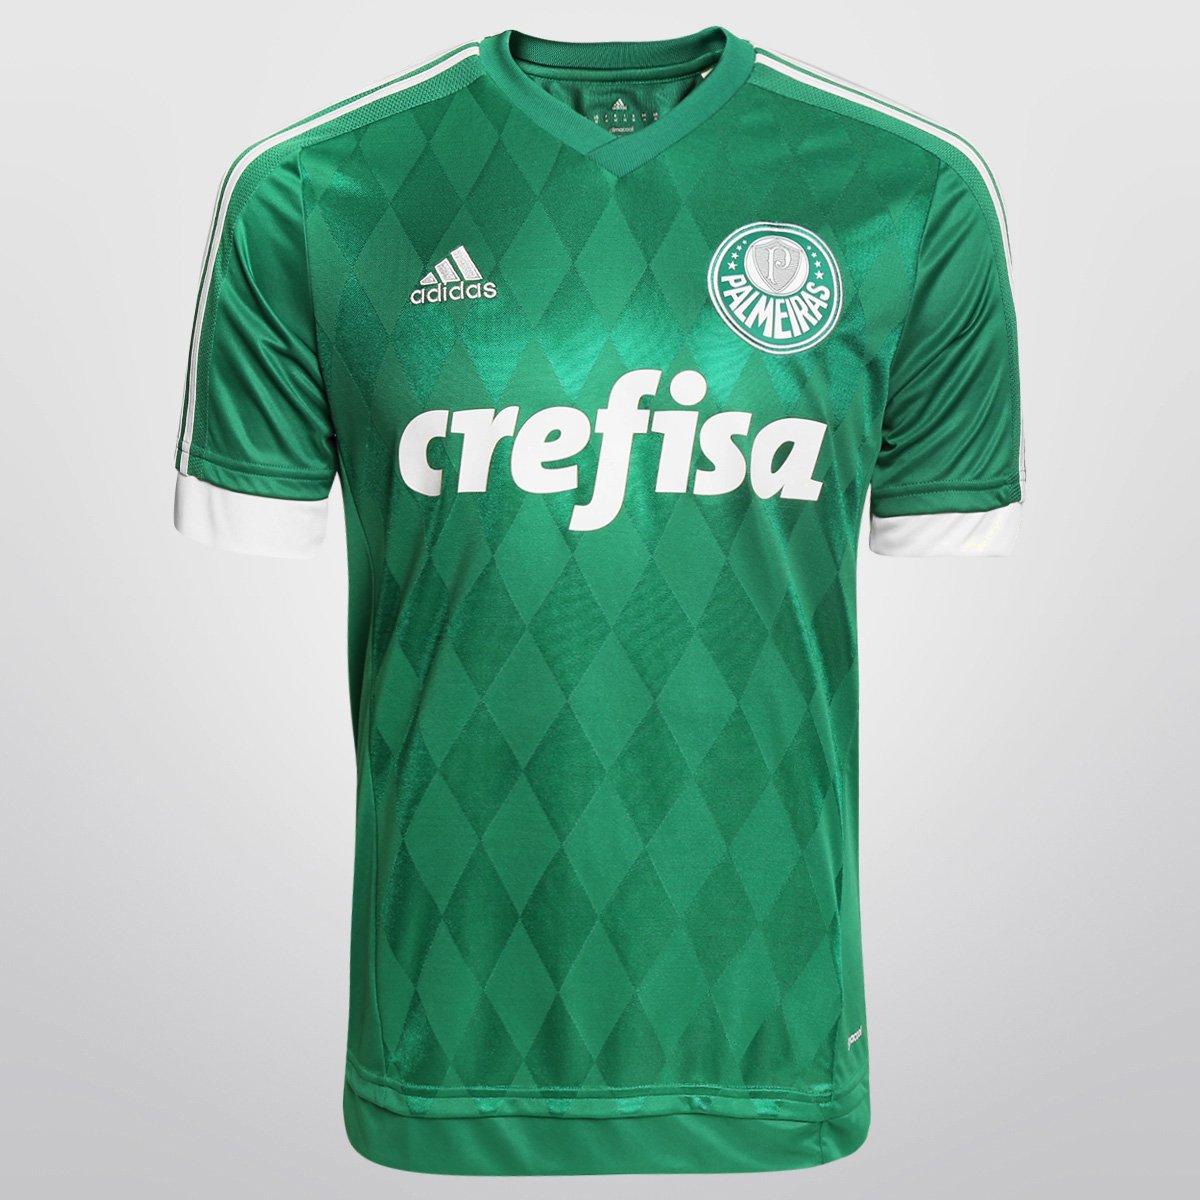 1796849fe25d2 Camisa Palmeiras I 15 16 s n° - Torcedor Adidas Masculina - Compre Agora